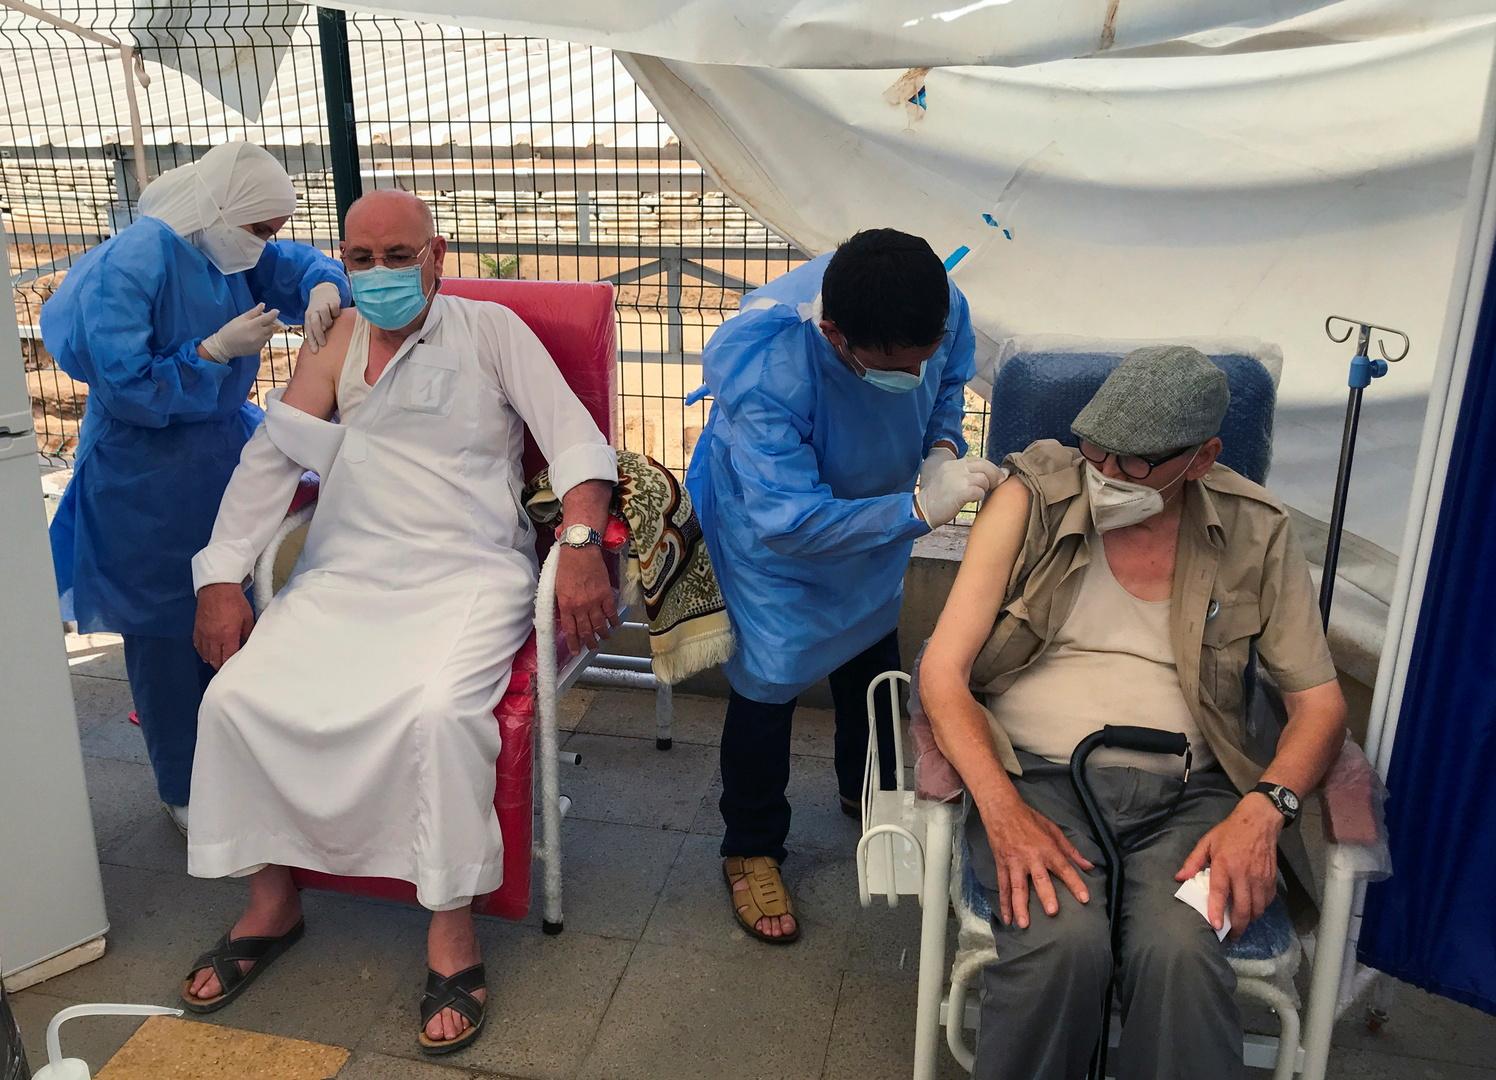 مسؤول جزائري يحذر: نحن في مرحلة الخطر